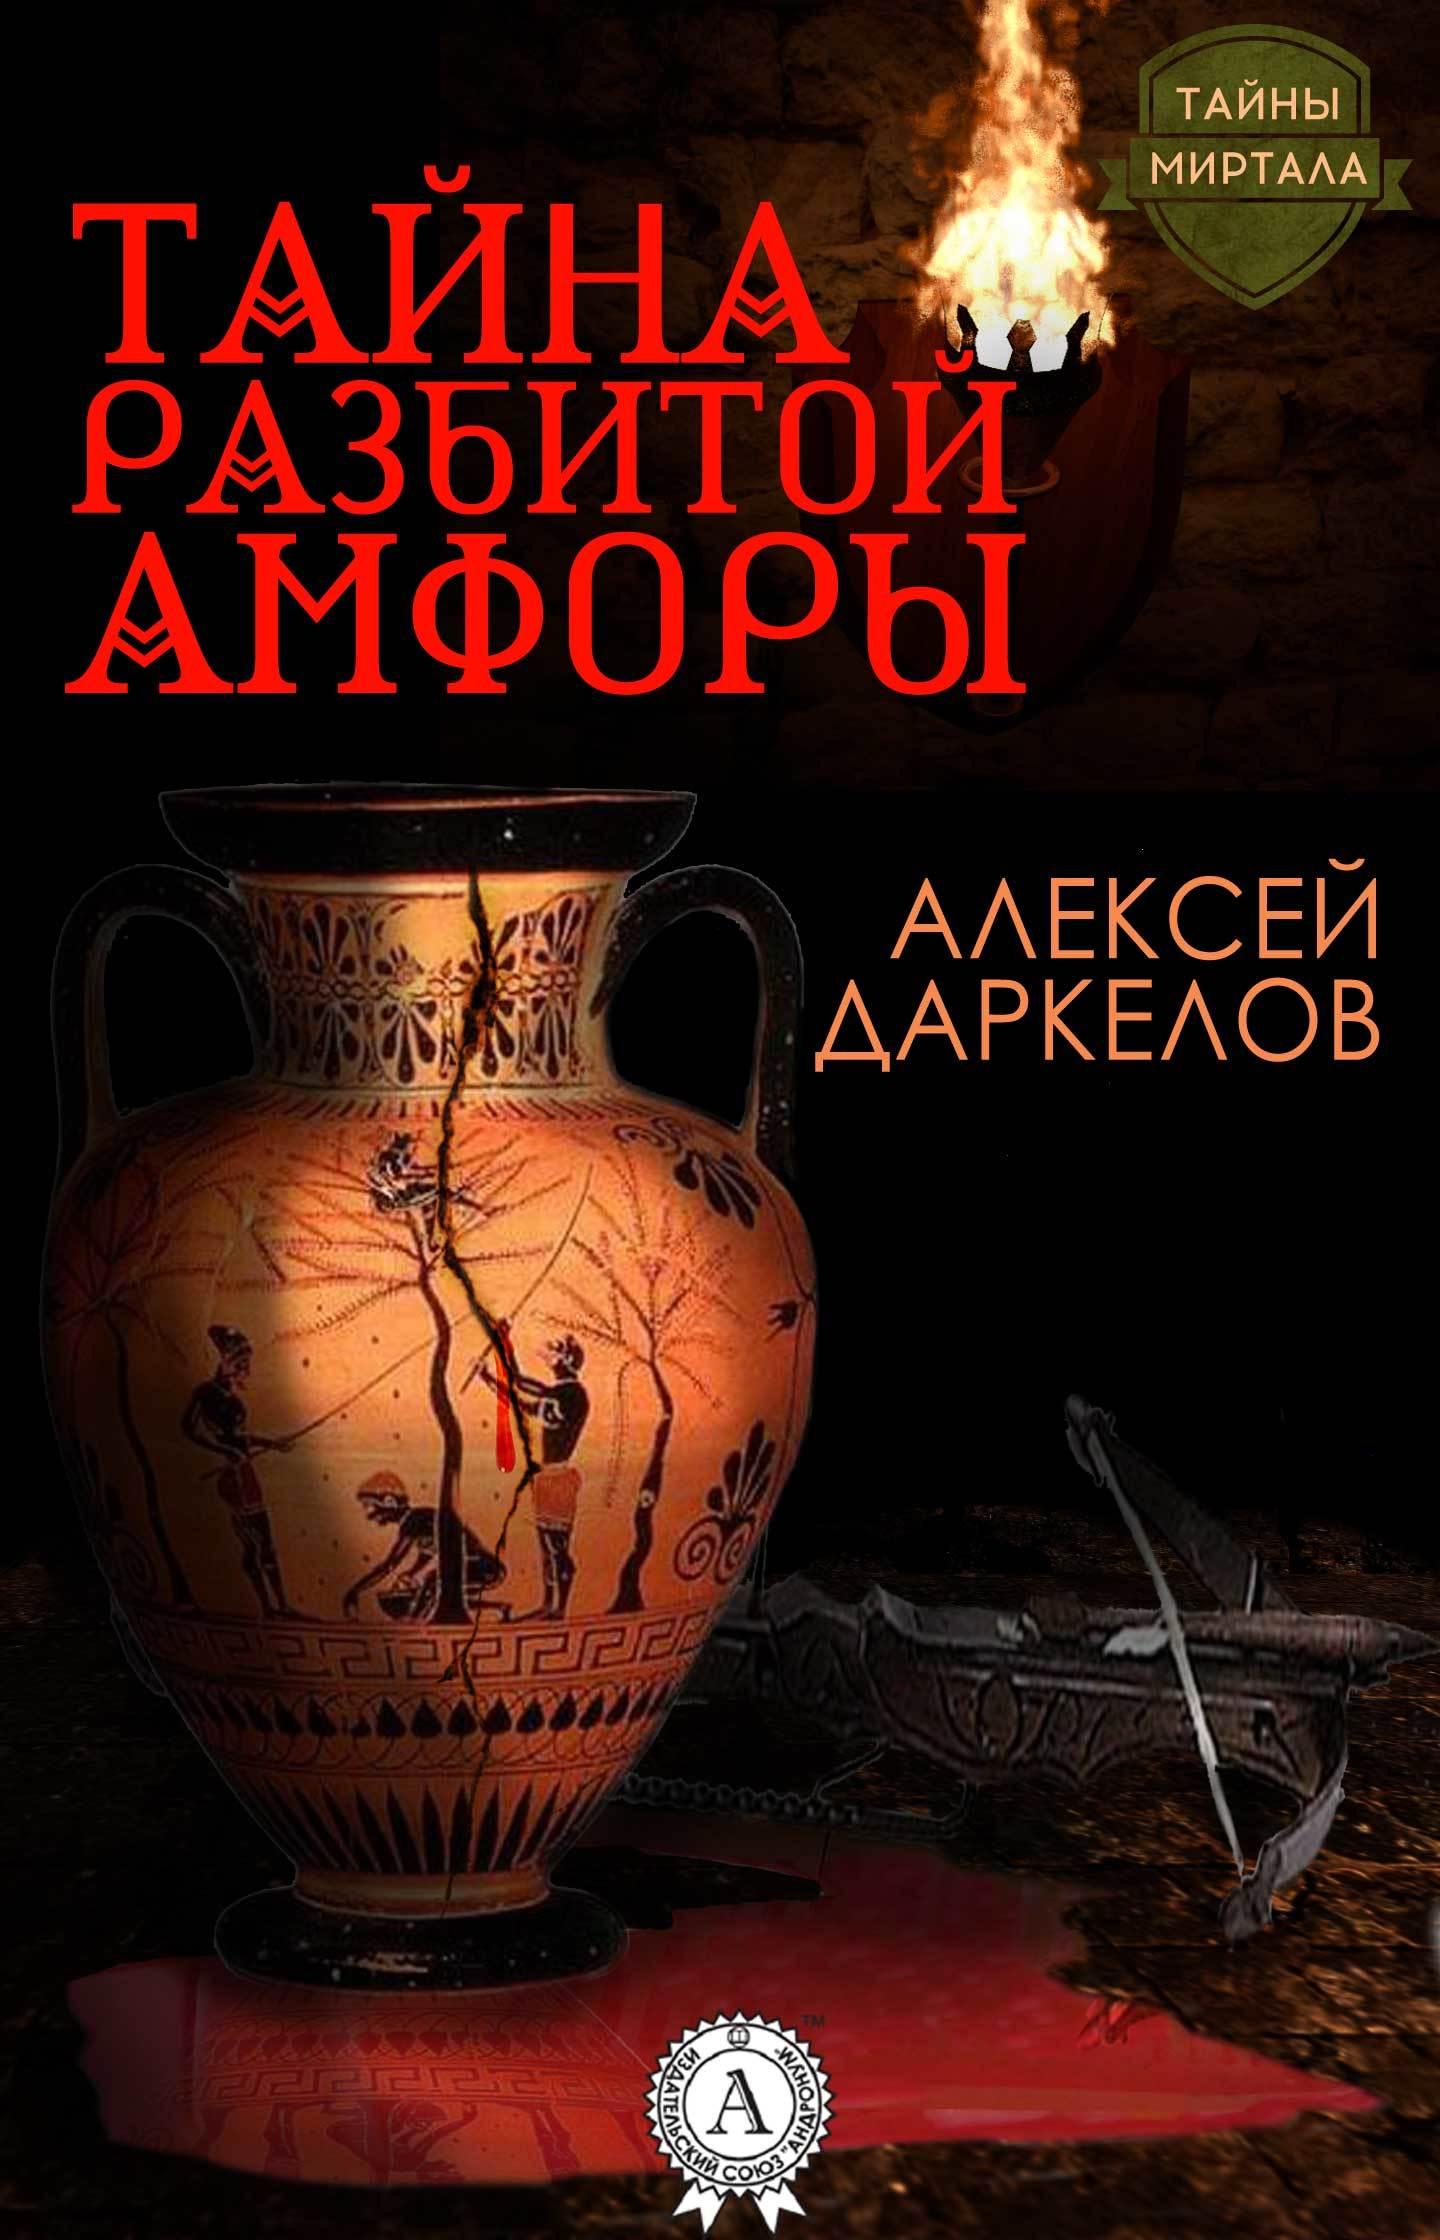 Обложка книги Тайна разбитой амфоры, автор Даркелов, Алексей